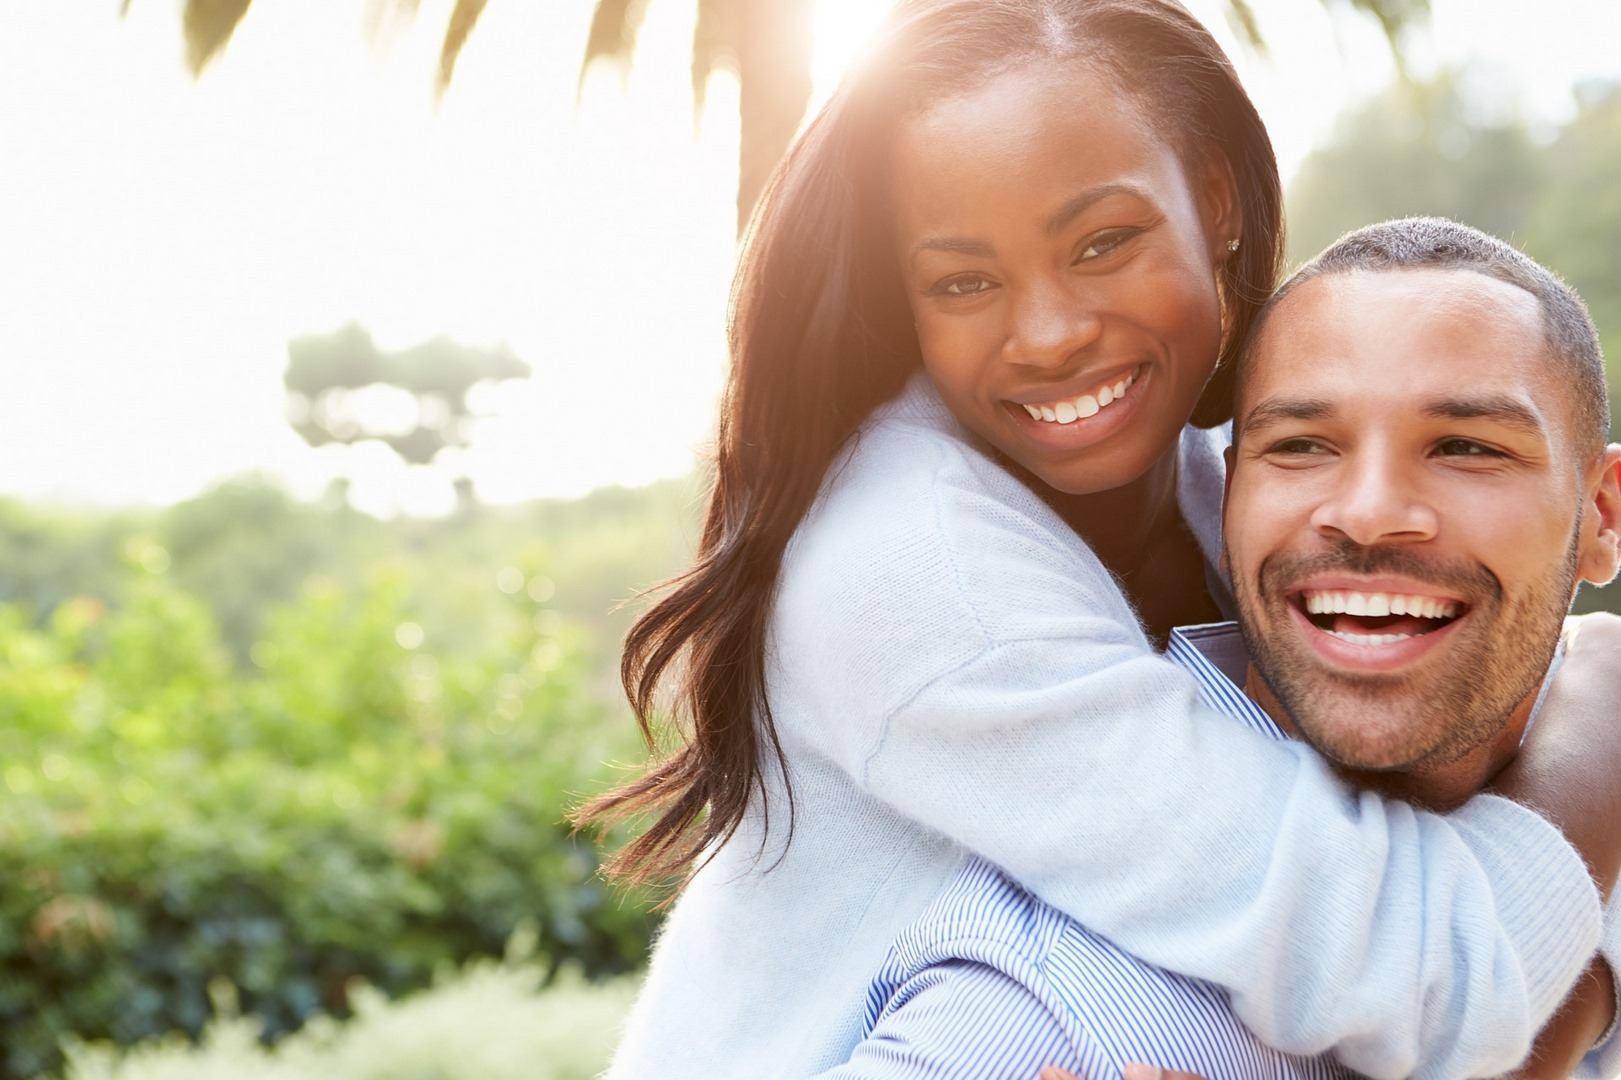 Troisième secret des couples épanoui: ils s'aiment. L'amour.